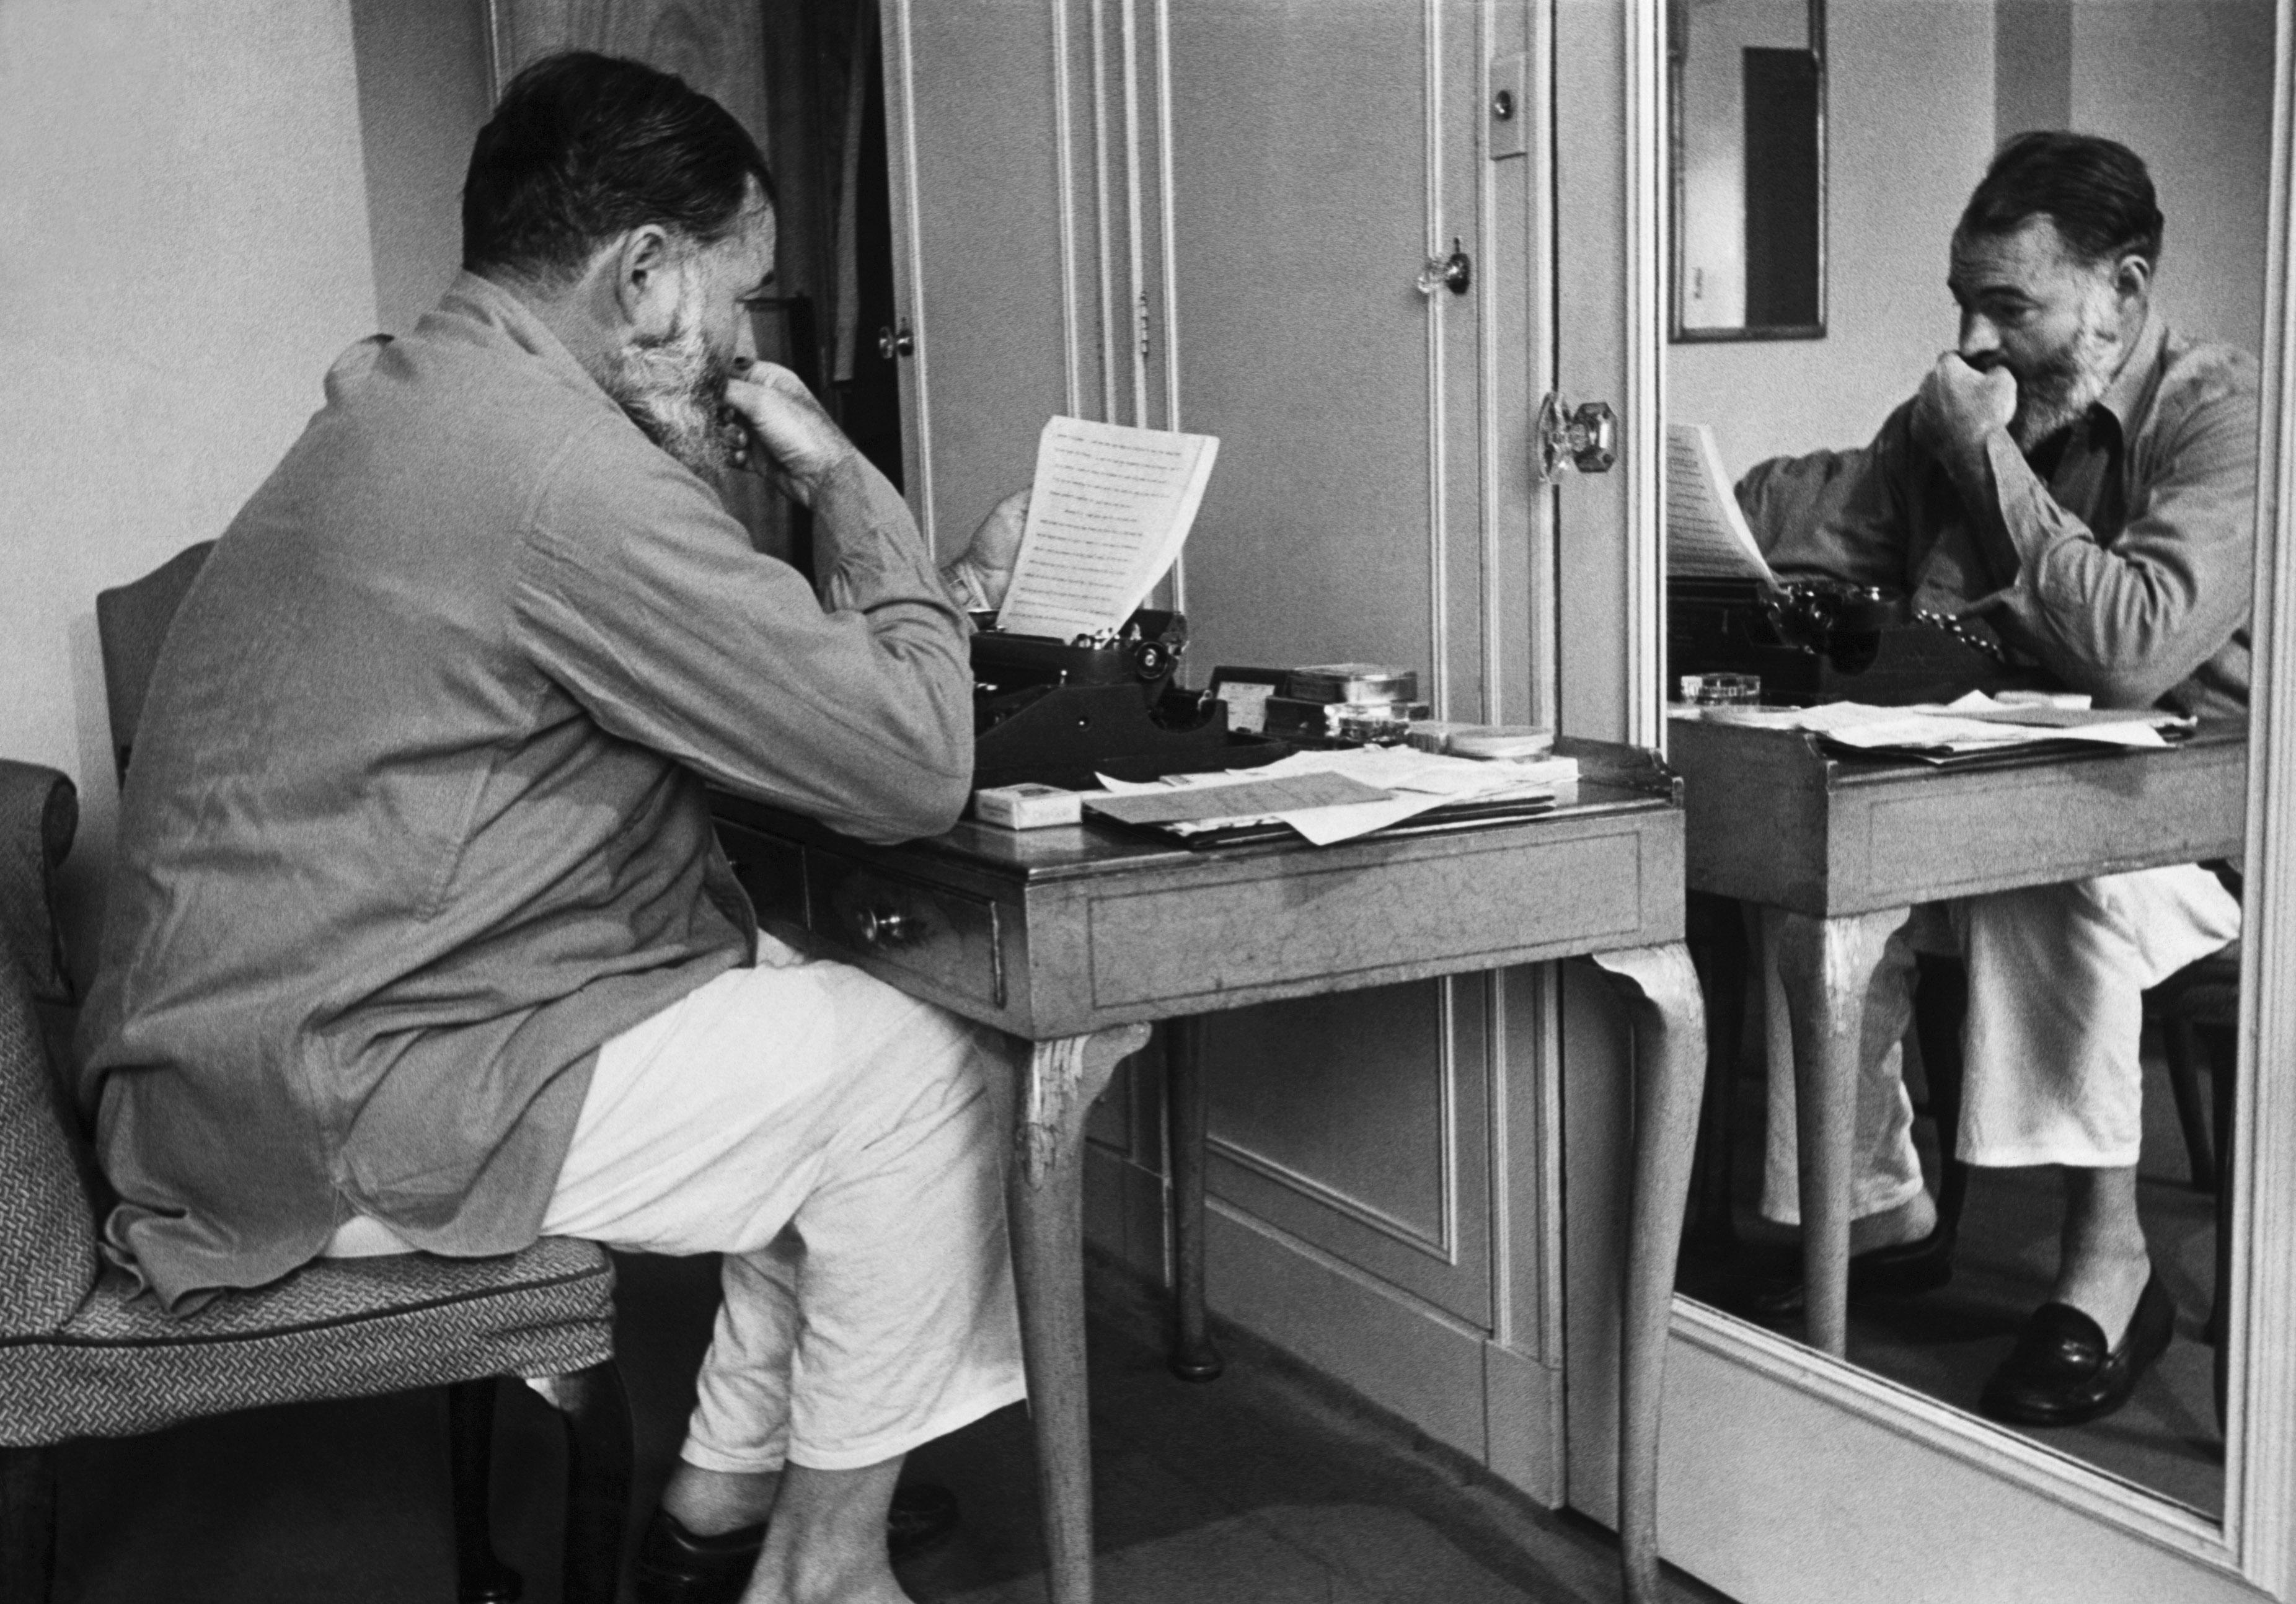 Эрнест Хэмингуэй перечитывает свои заметки времен Второй мировой войны